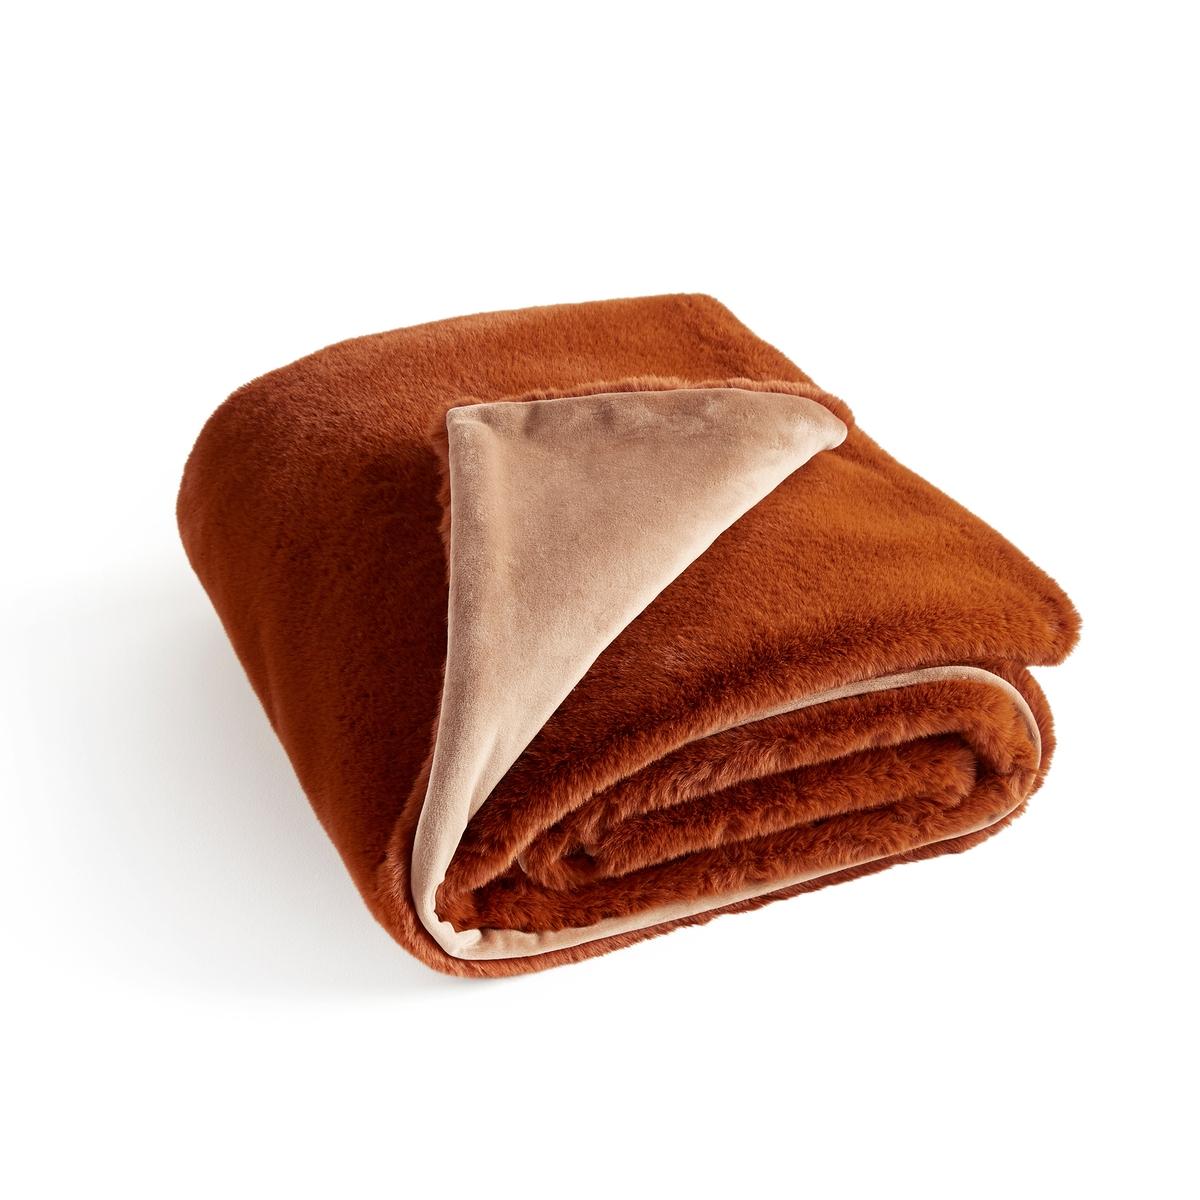 Плед La Redoute Из искусственного меха Noursi 130 x 170 см каштановый ковер la redoute горизонтального плетения с рисунком цементная плитка iswik 120 x 170 см бежевый